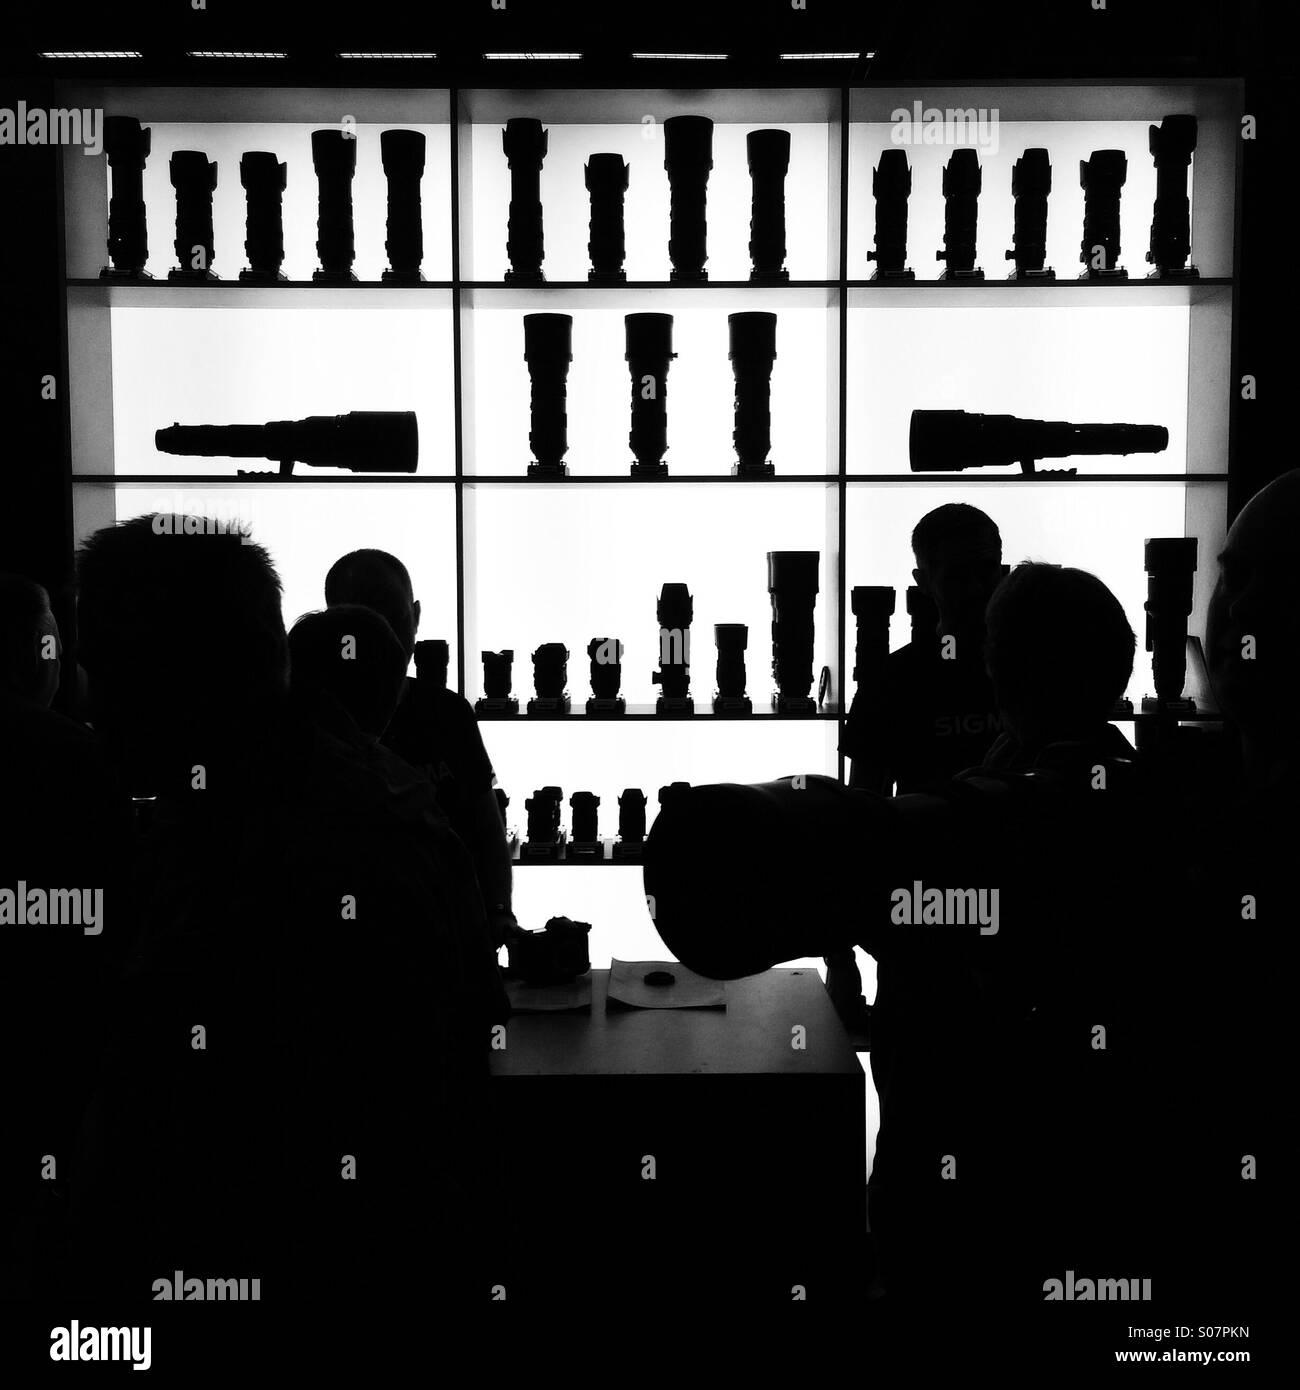 Salon de la photographie. Stockholm, Suède. Les lentilles en arrière-plan. Silhouettes Banque D'Images